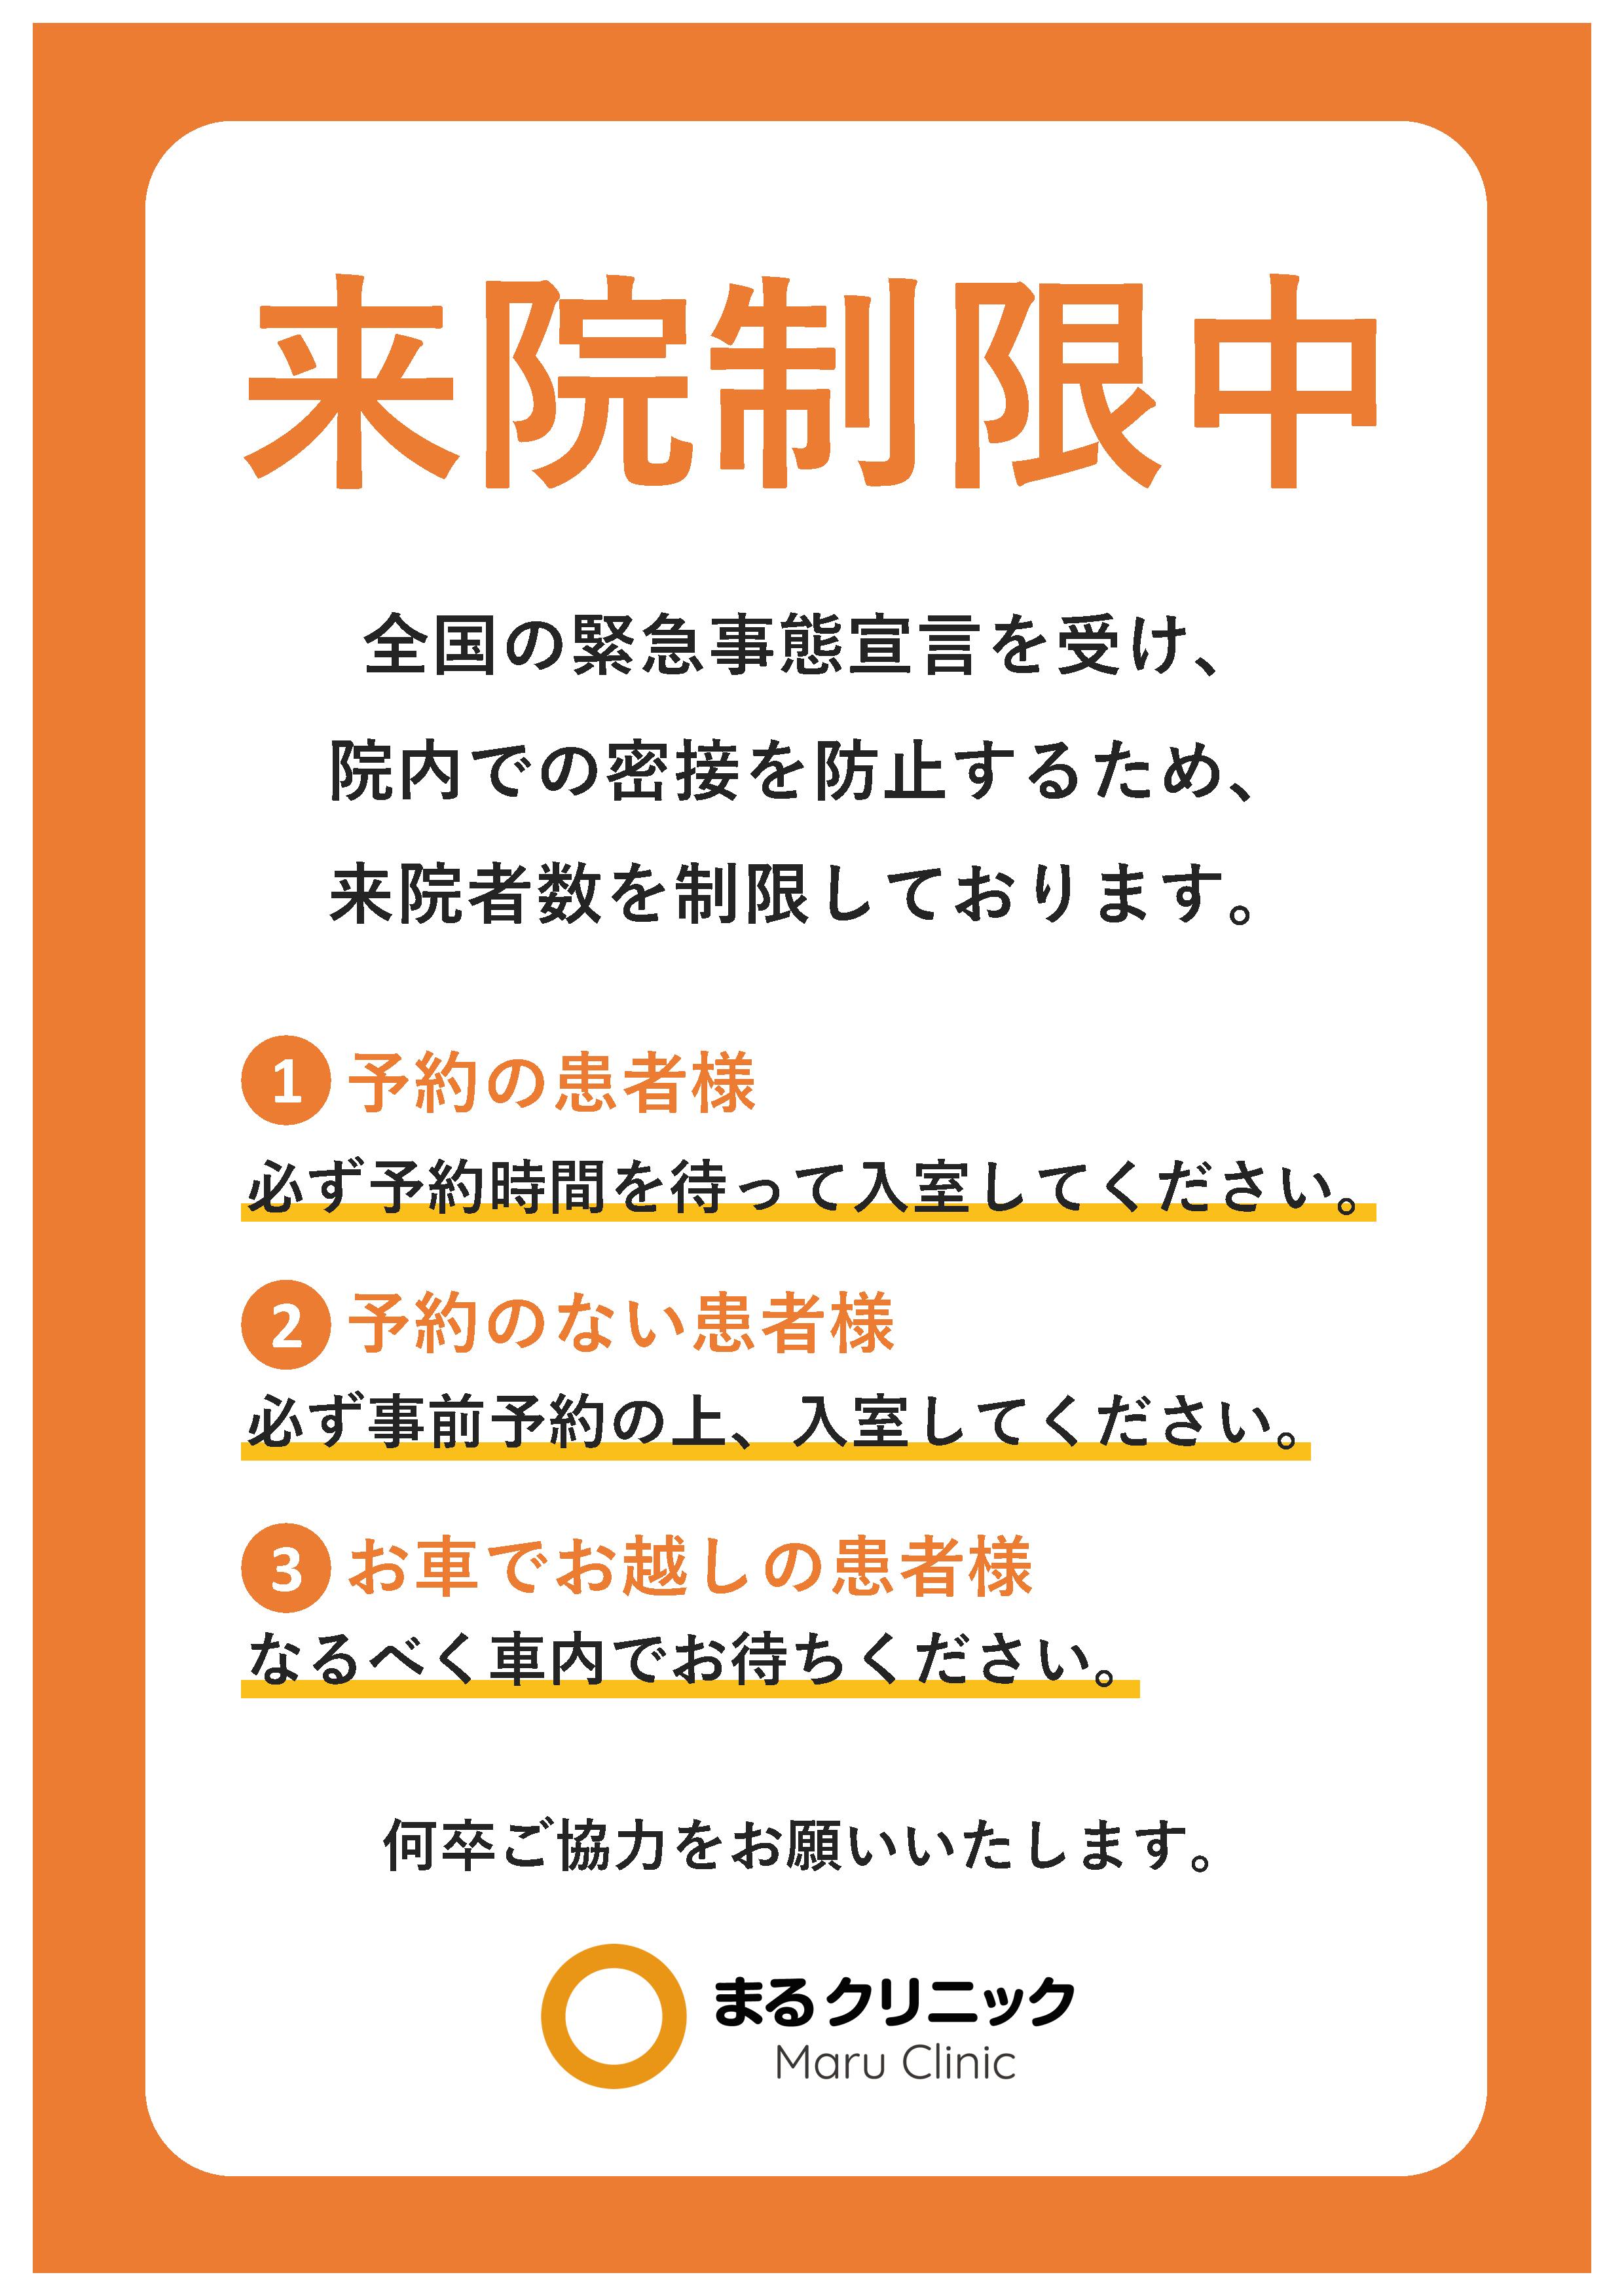 来院制限中ポップ 【新型コロナウイルス対策ツール】